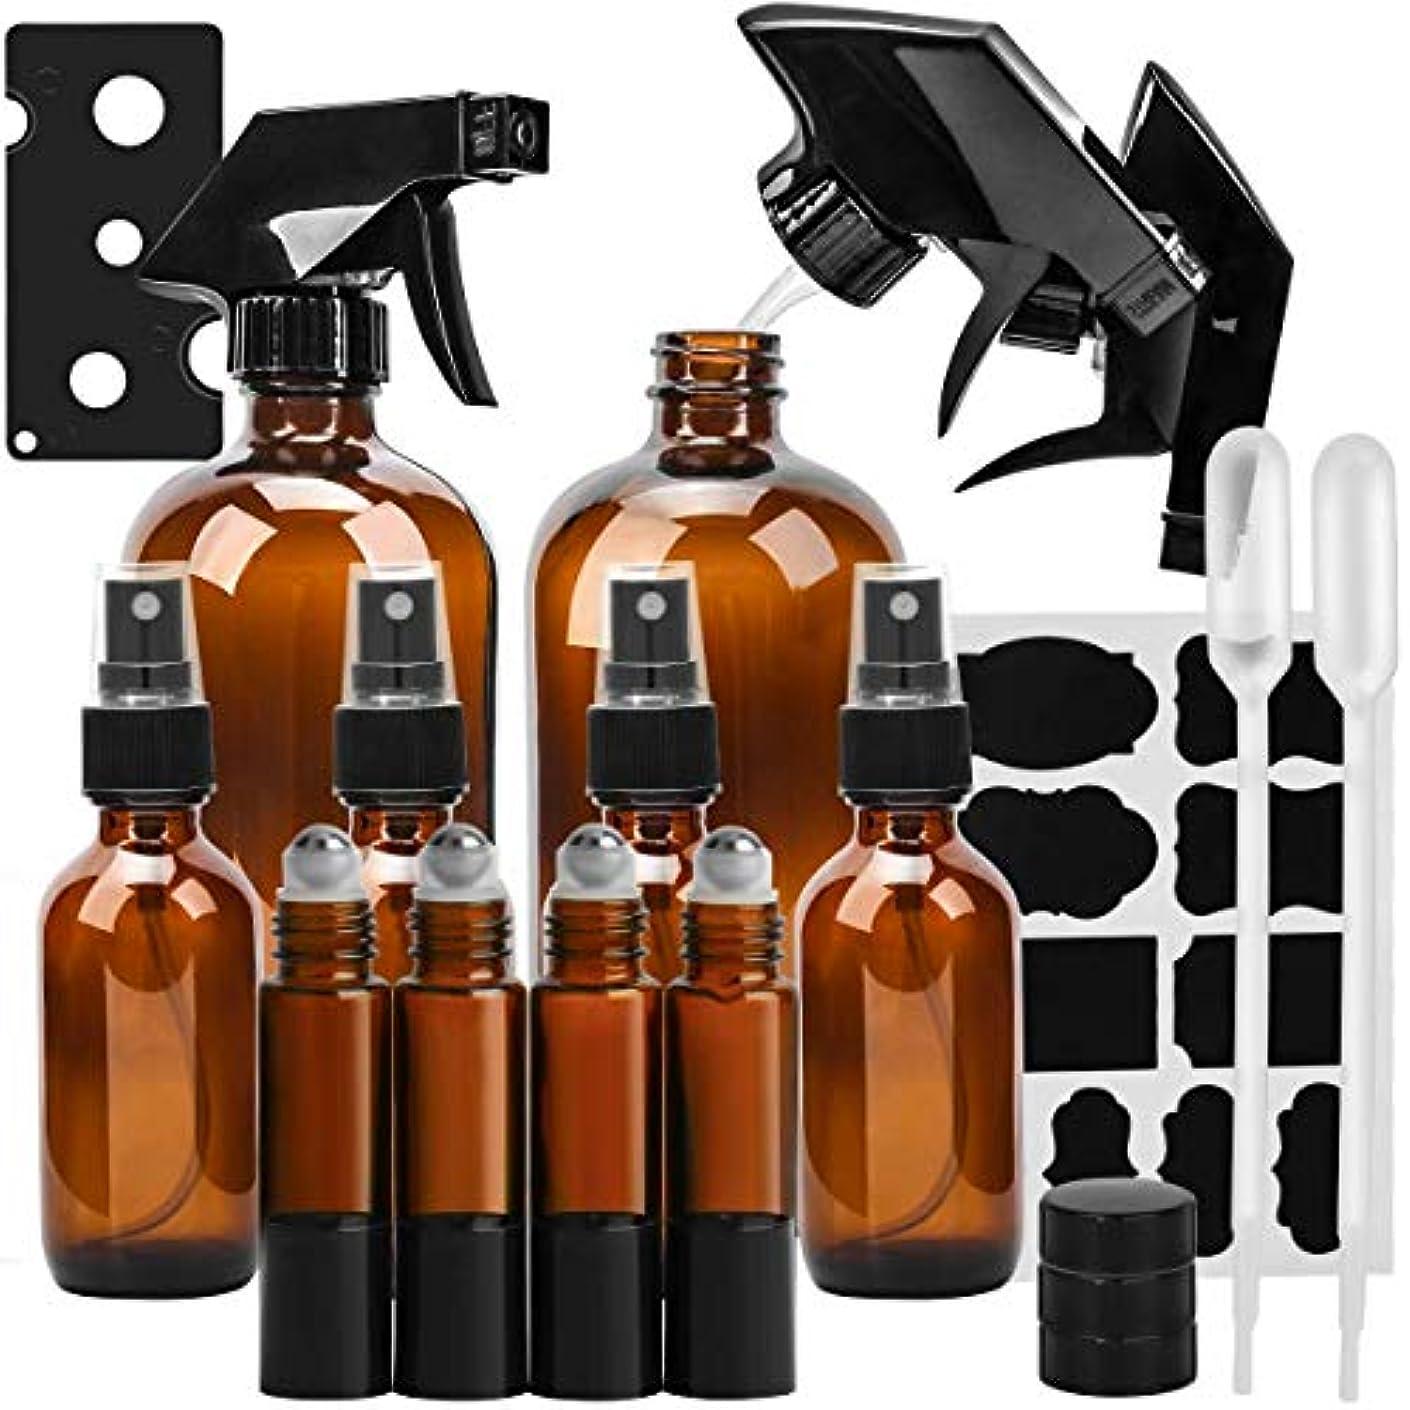 イブニング冷える小麦KAMOTA 16オンス×2 2オンス×4 10ミリリットルローラーボトル×4 - 製品やアロマテラピーを清掃エッセンシャルオイル 用 詰め替え容器 セットガラススプレーボトルアンバーガラススプレーボトル アンバー-2